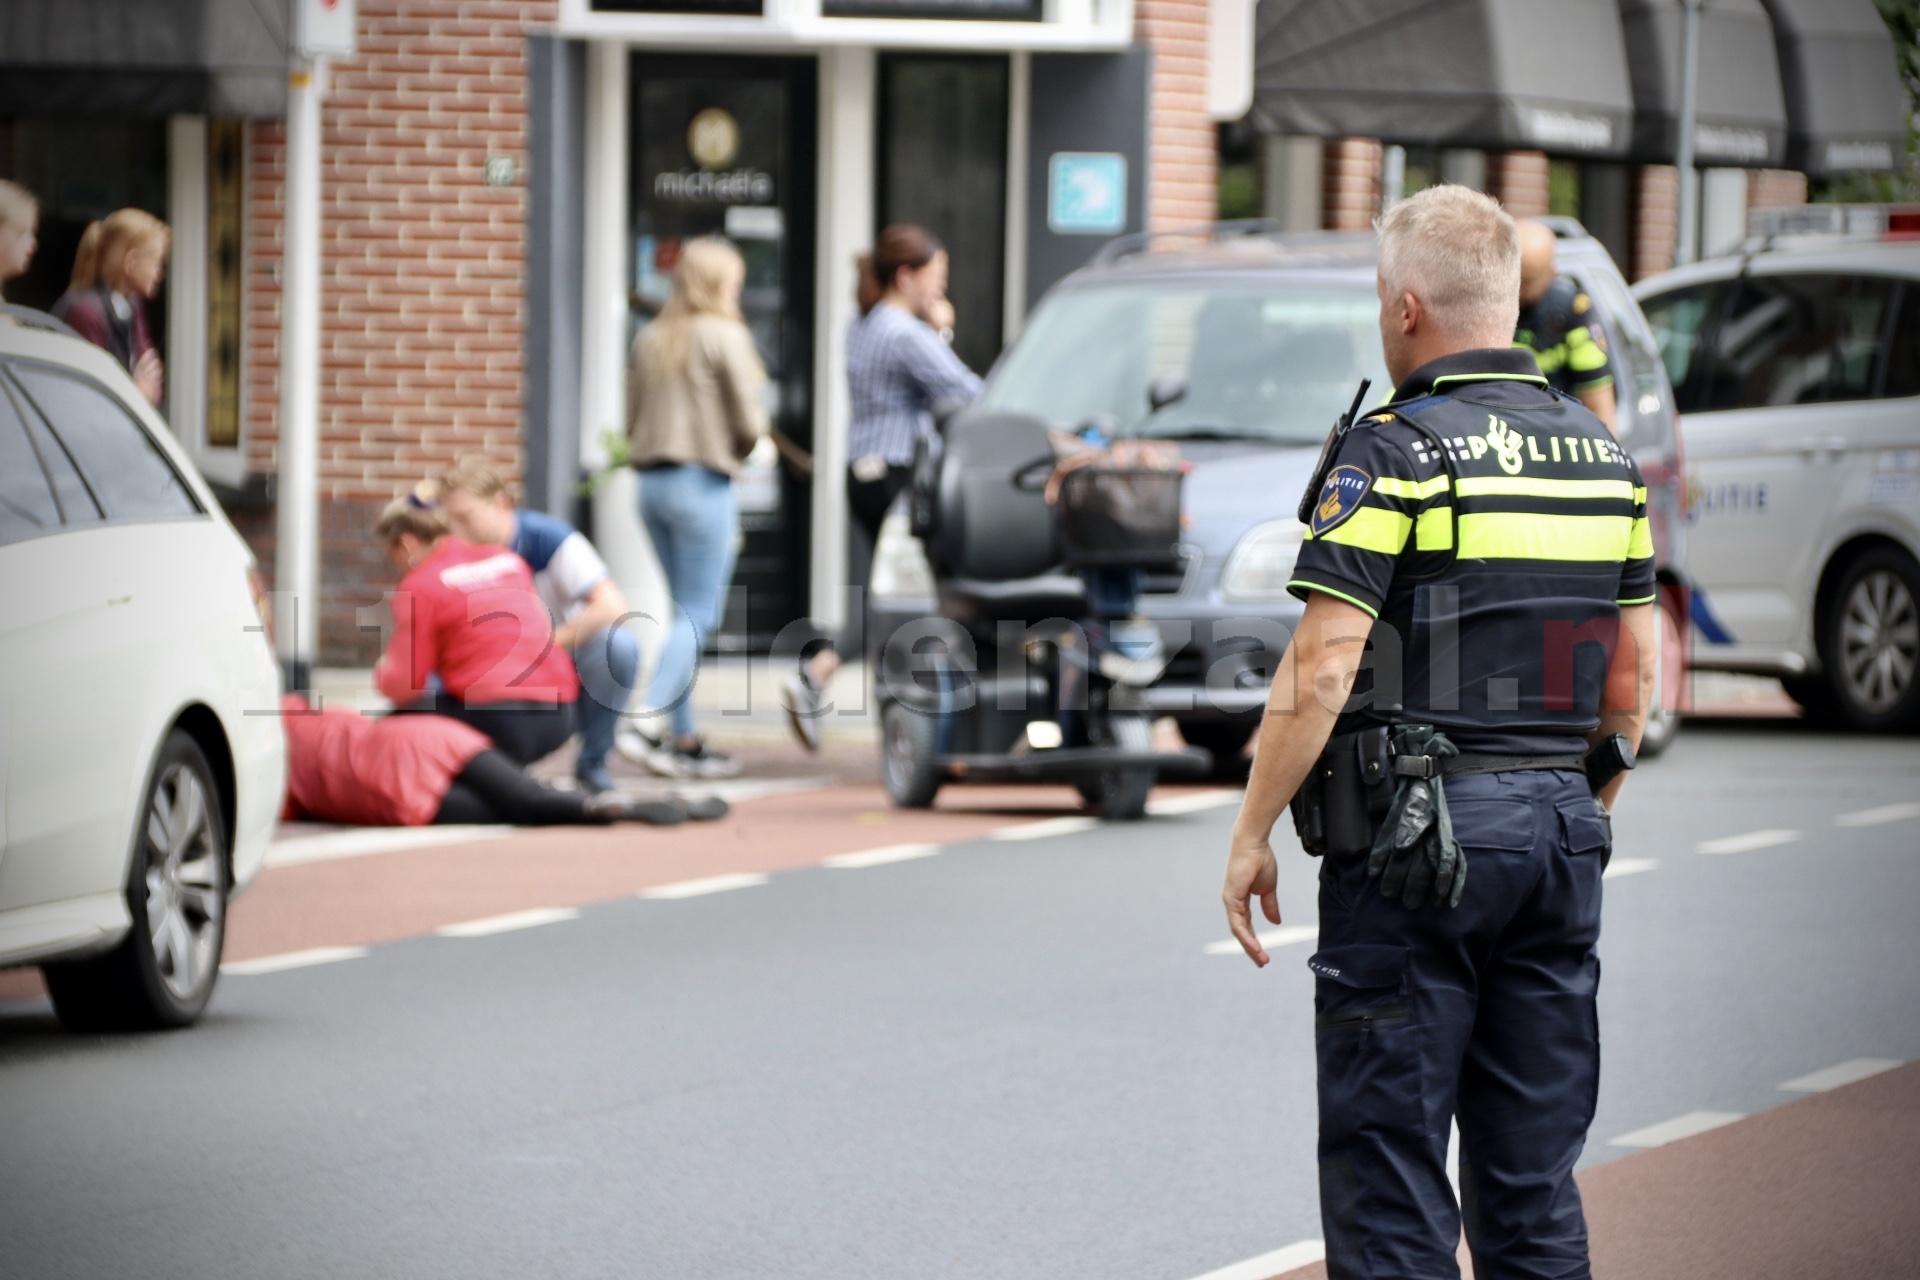 Vrouw op scootmobiel gewond na aanrijding met auto in Oldenzaal